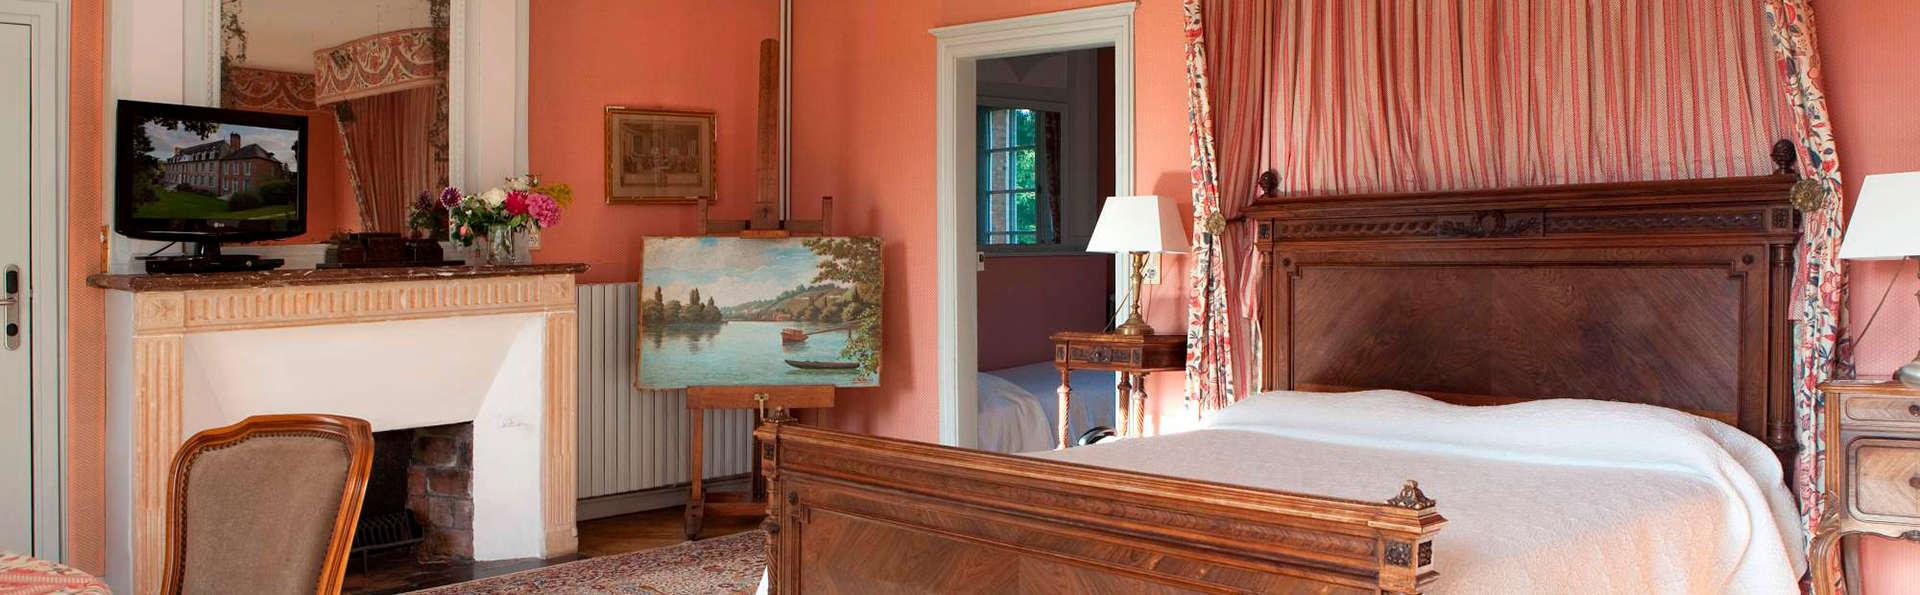 Château du Landel, The Originals Relais (Relais du Silence) - edit_room5.jpg